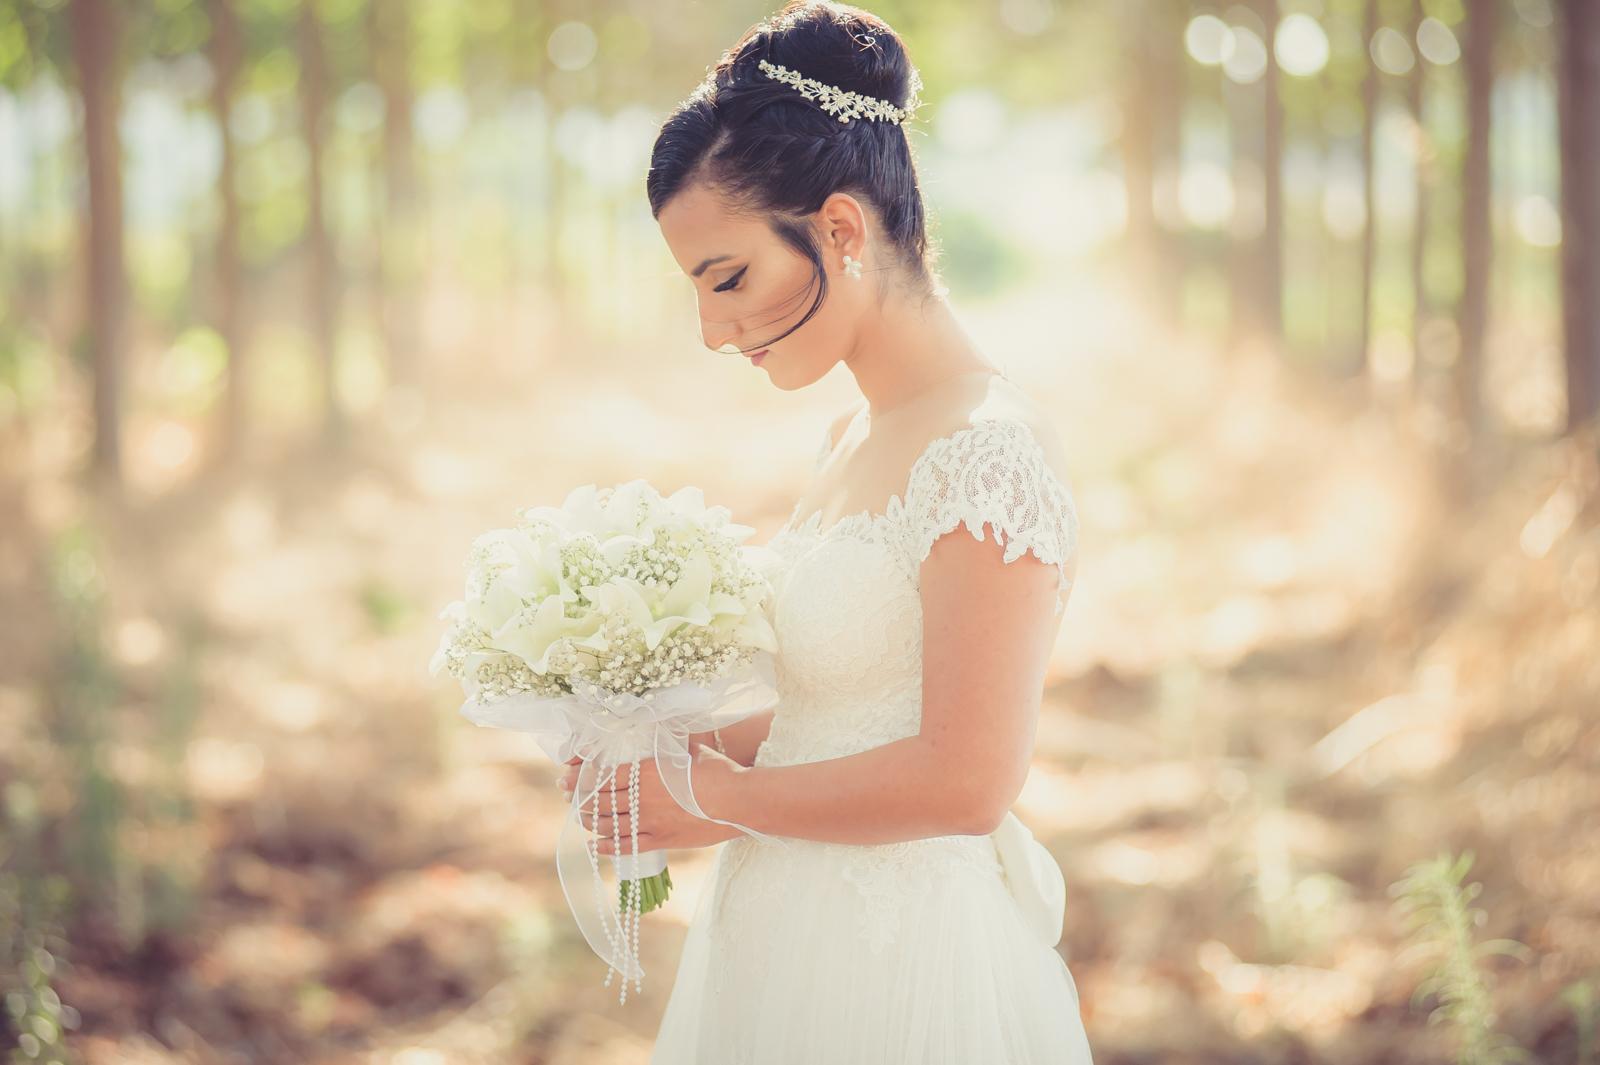 צלם לחתונה צילום חתונה-1017.jpg